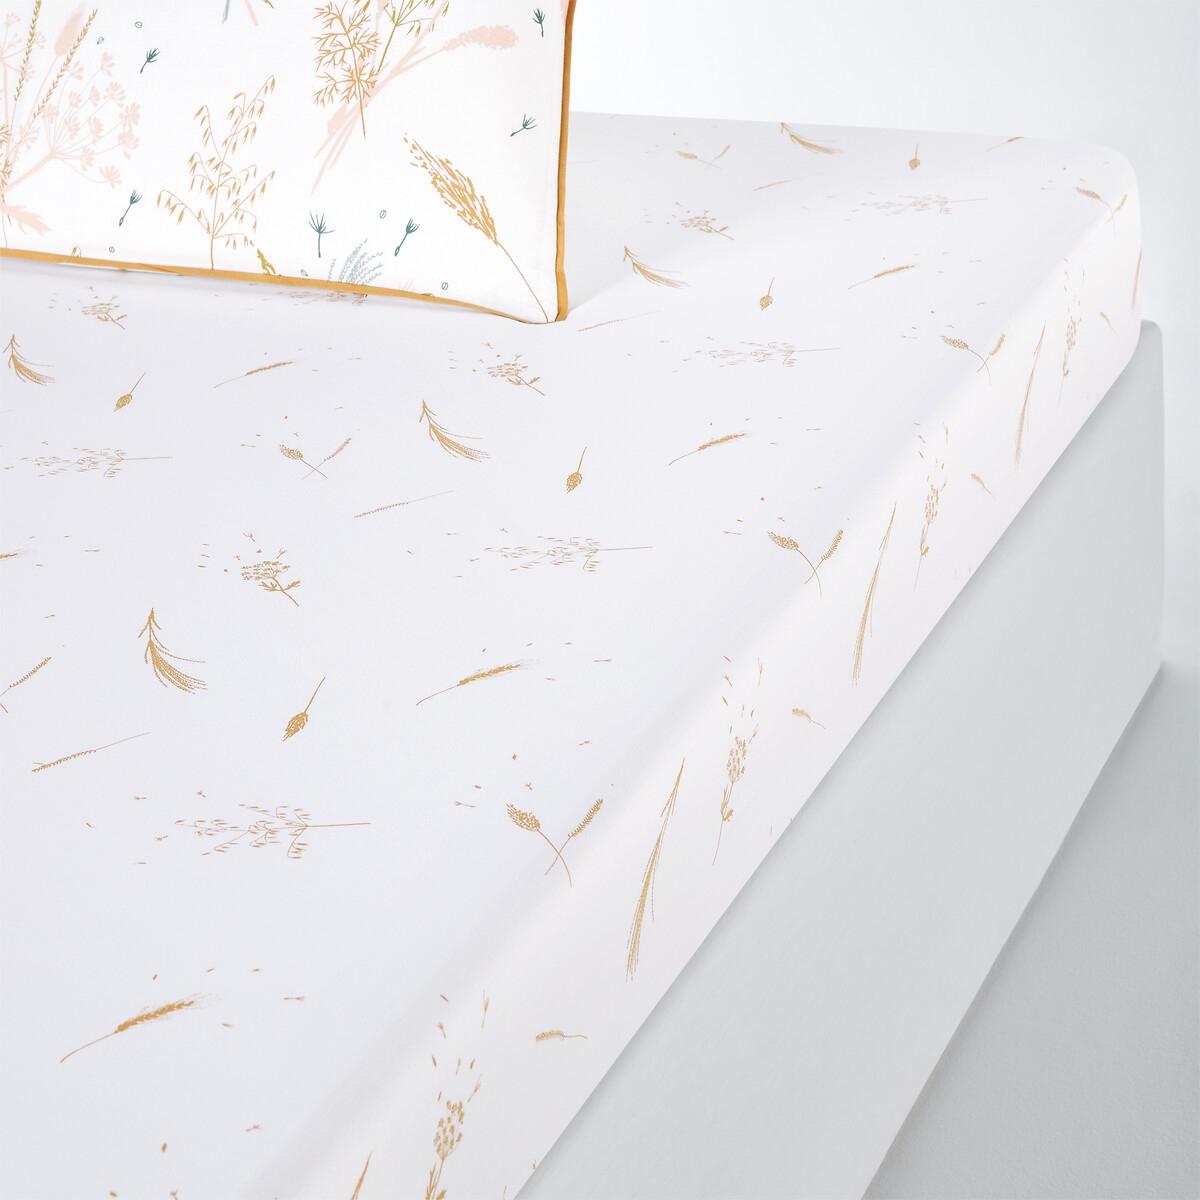 Lençol-capa em algodão, Graminée